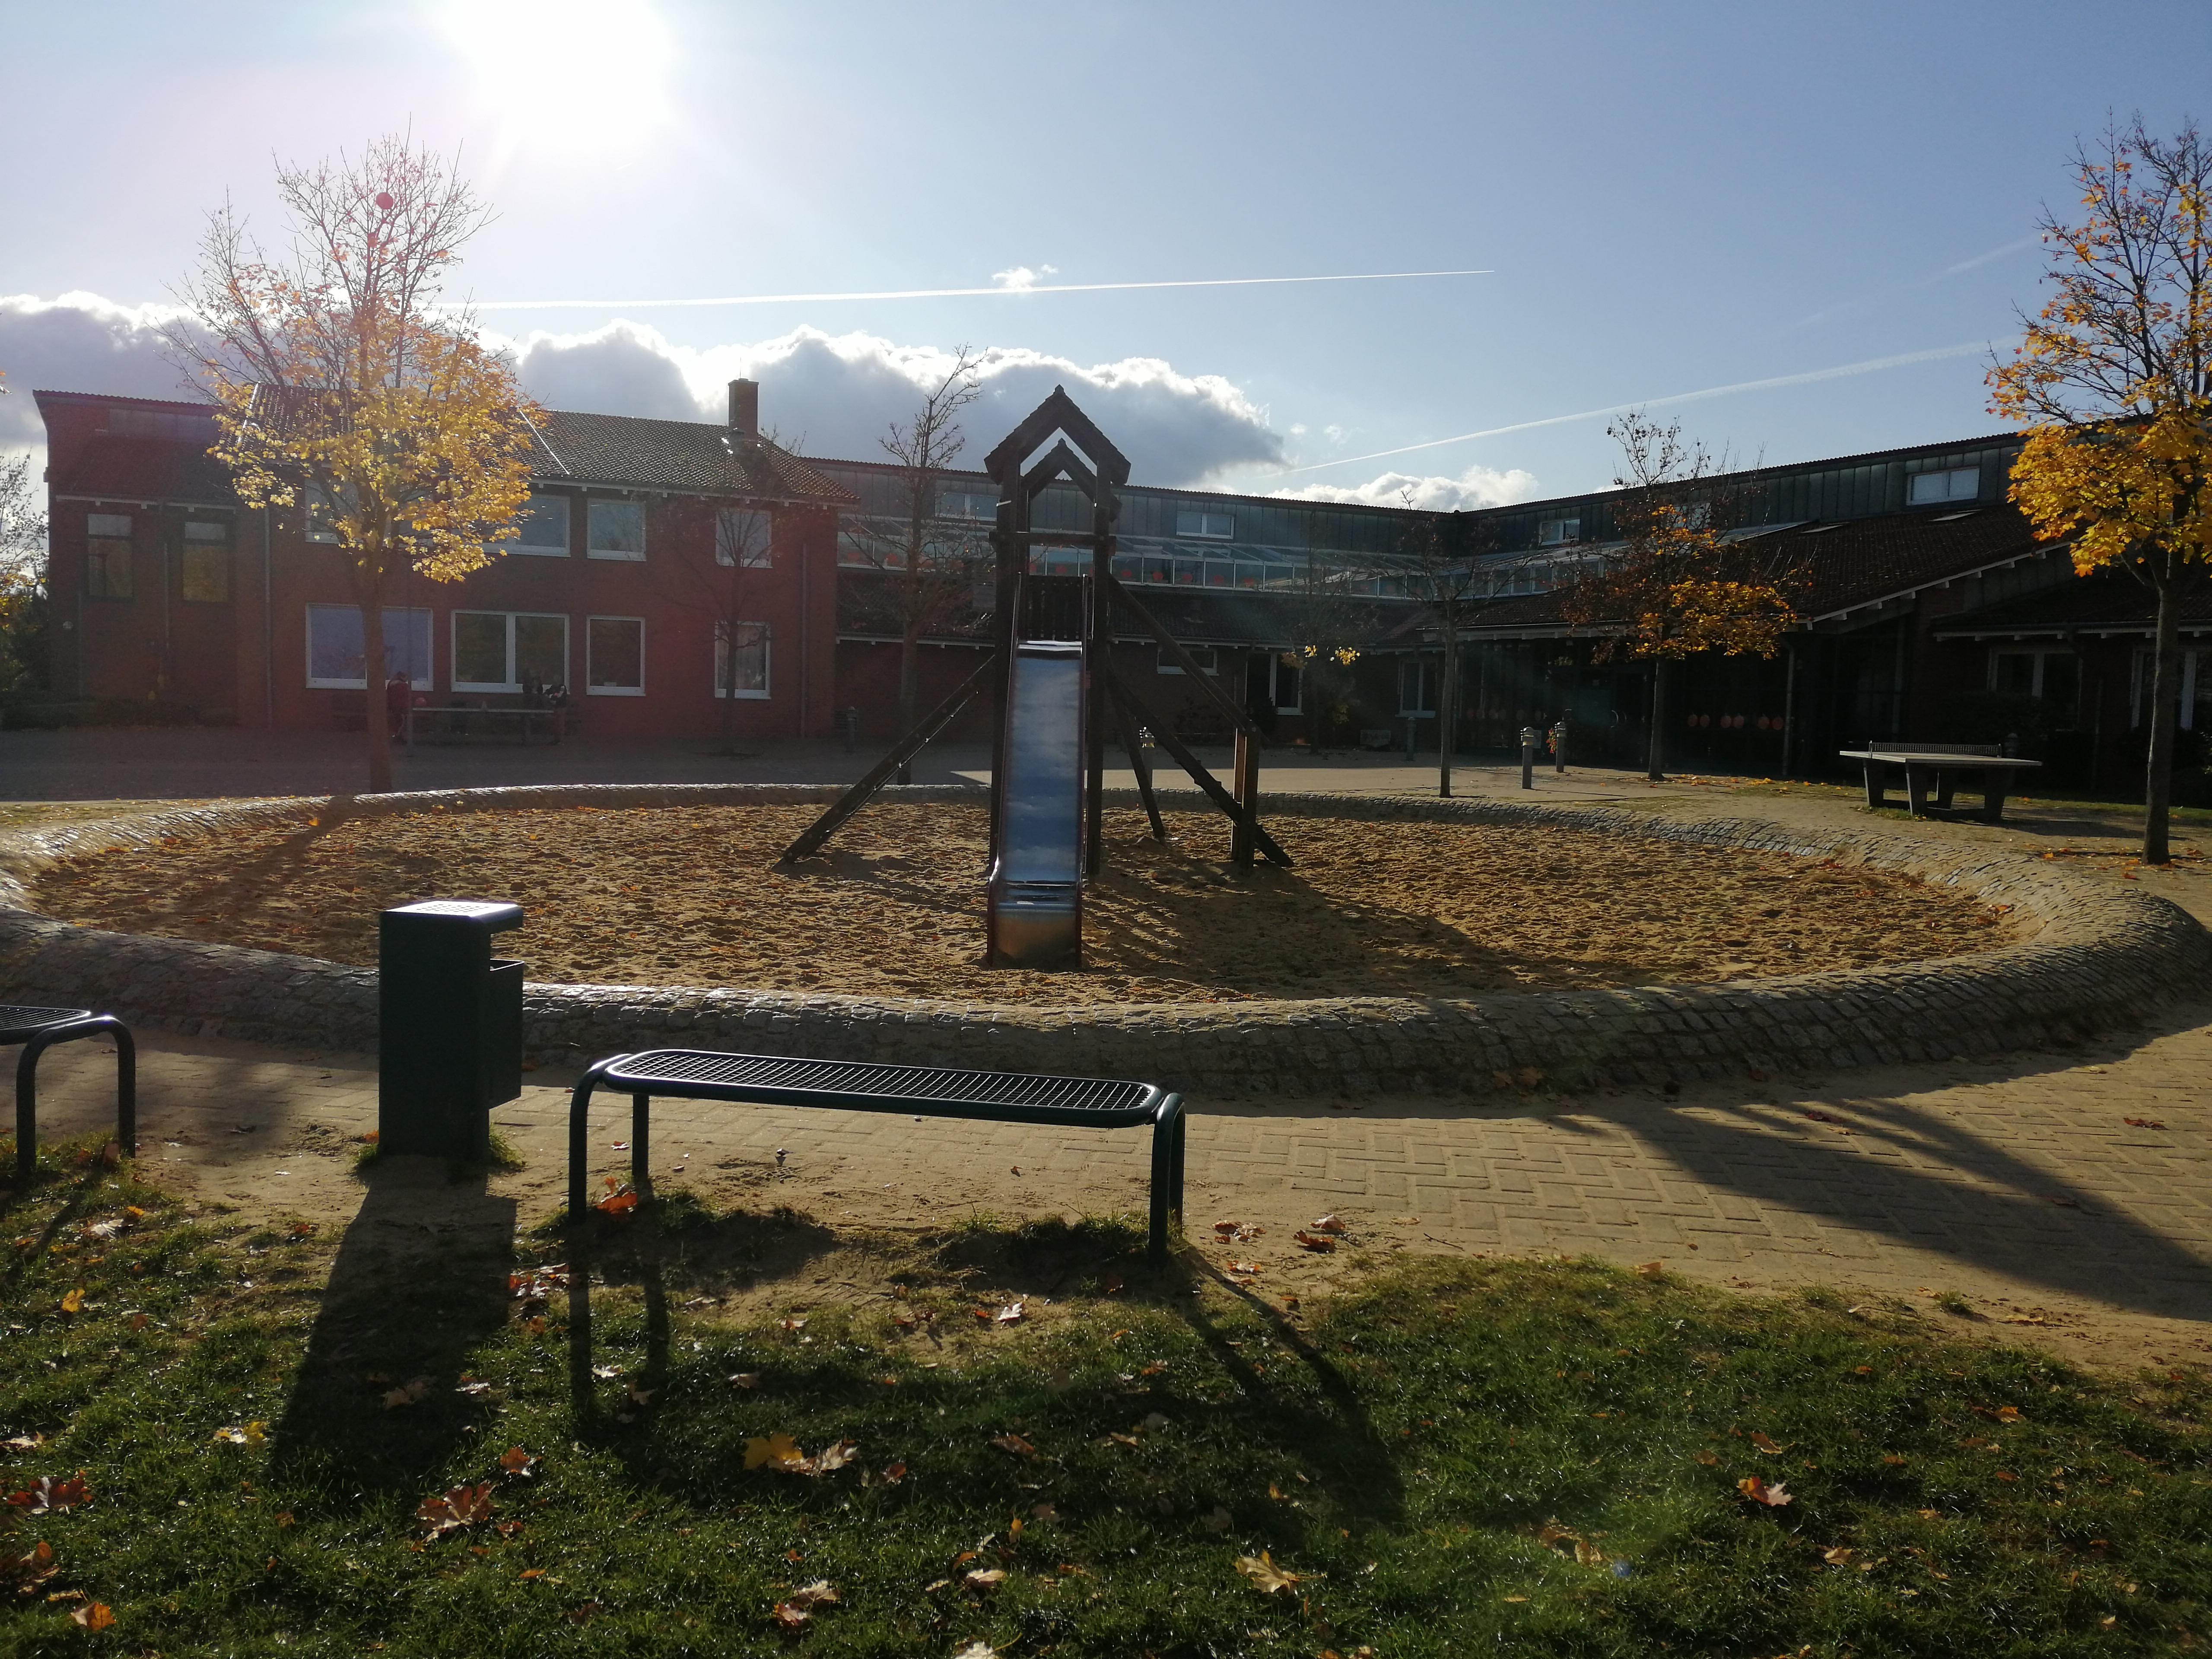 Spielplatz mit Rutsche und Klettergerüst